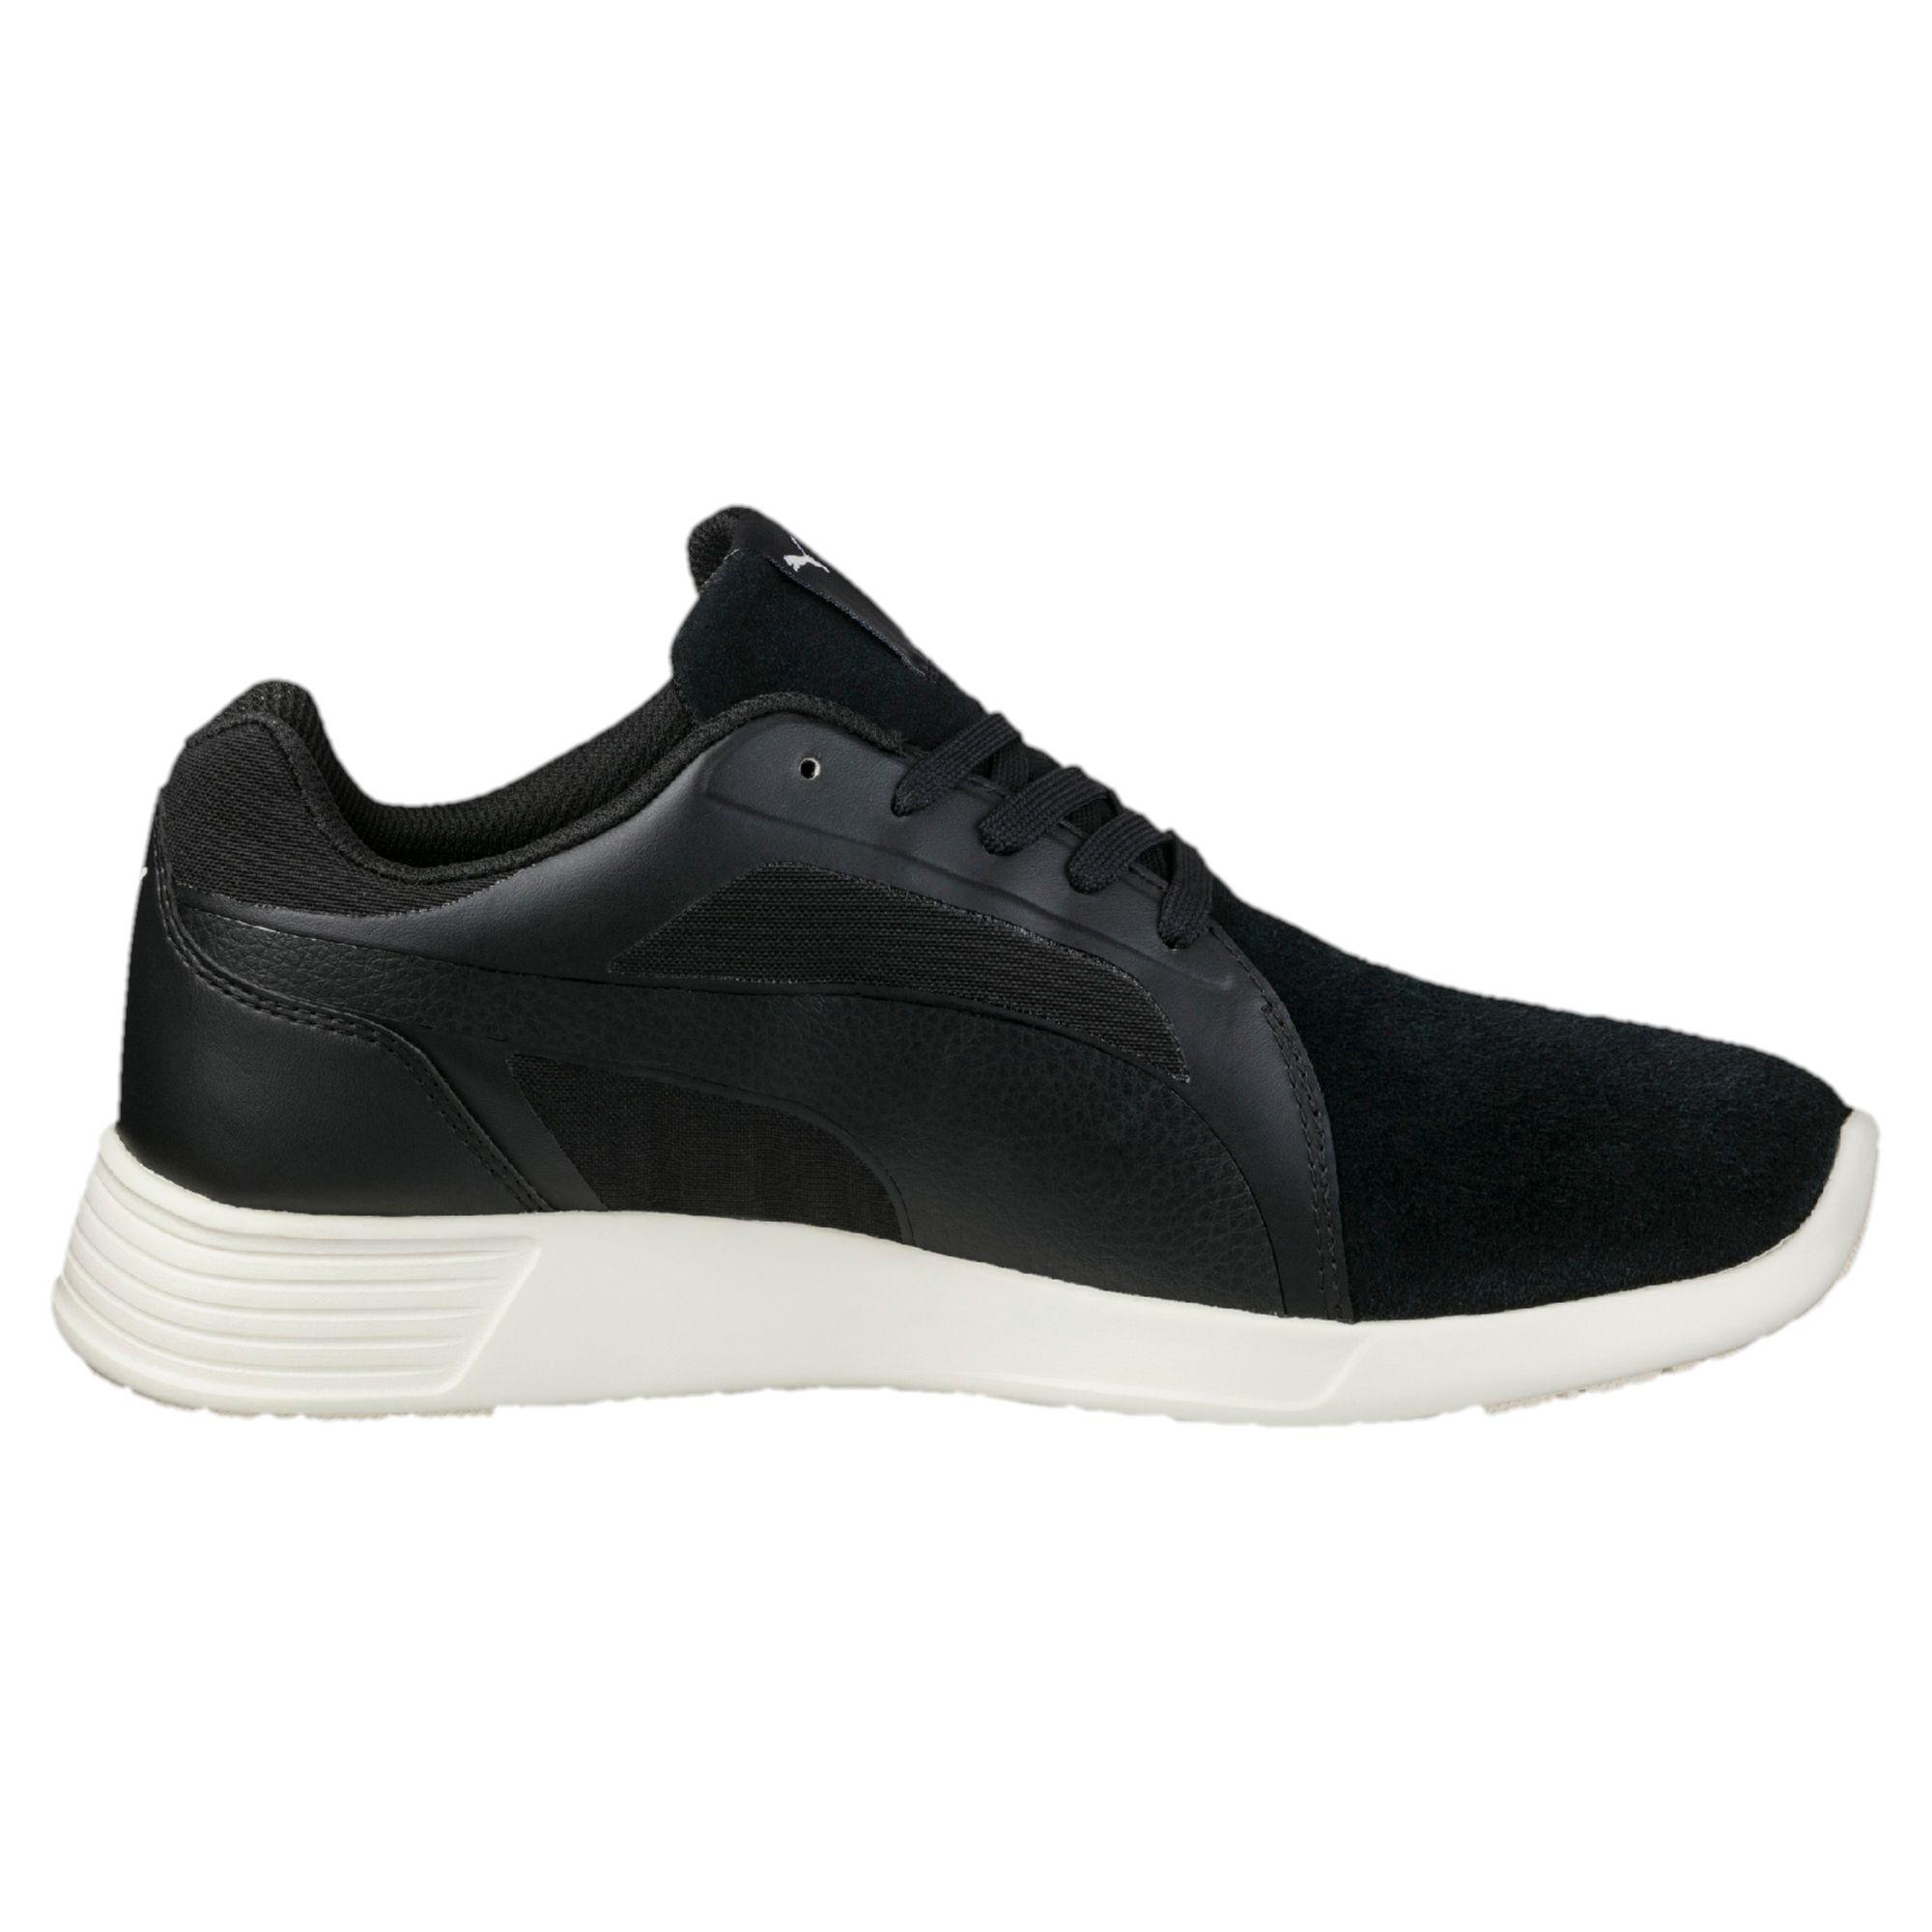 Nouveau Sd Détails St Evo Puma Unisexe Chaussures Sur Basics Trainer Basket Sneakers nOZ0wkN8PX